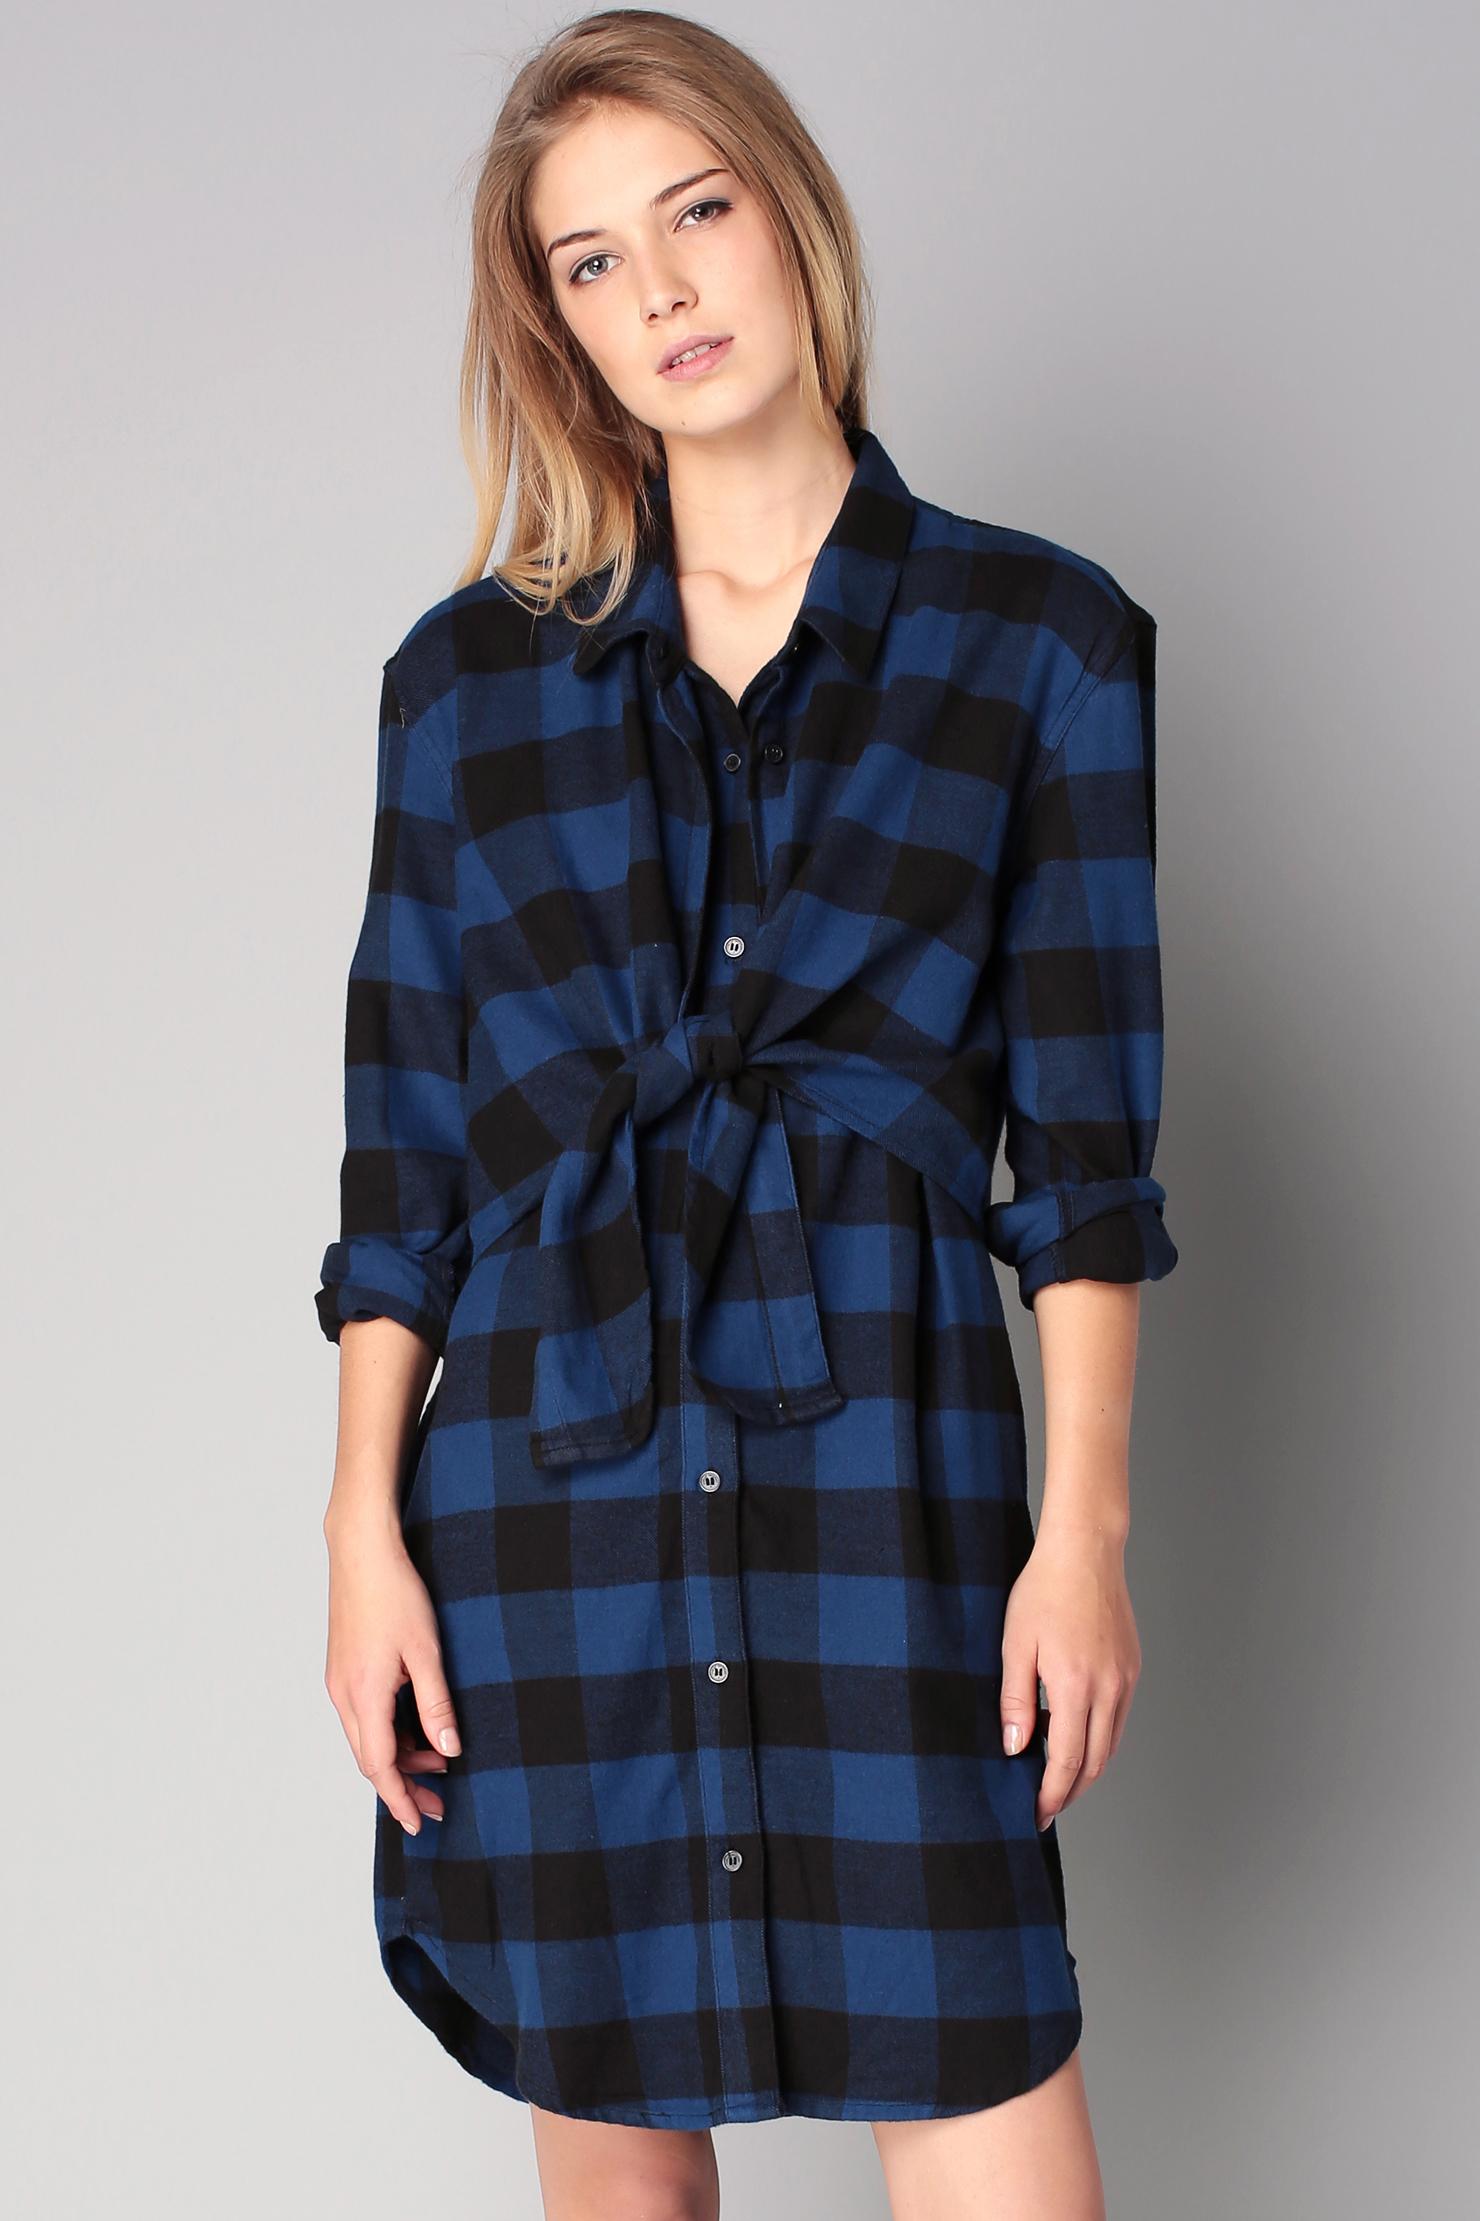 Cheap Dress Shirt